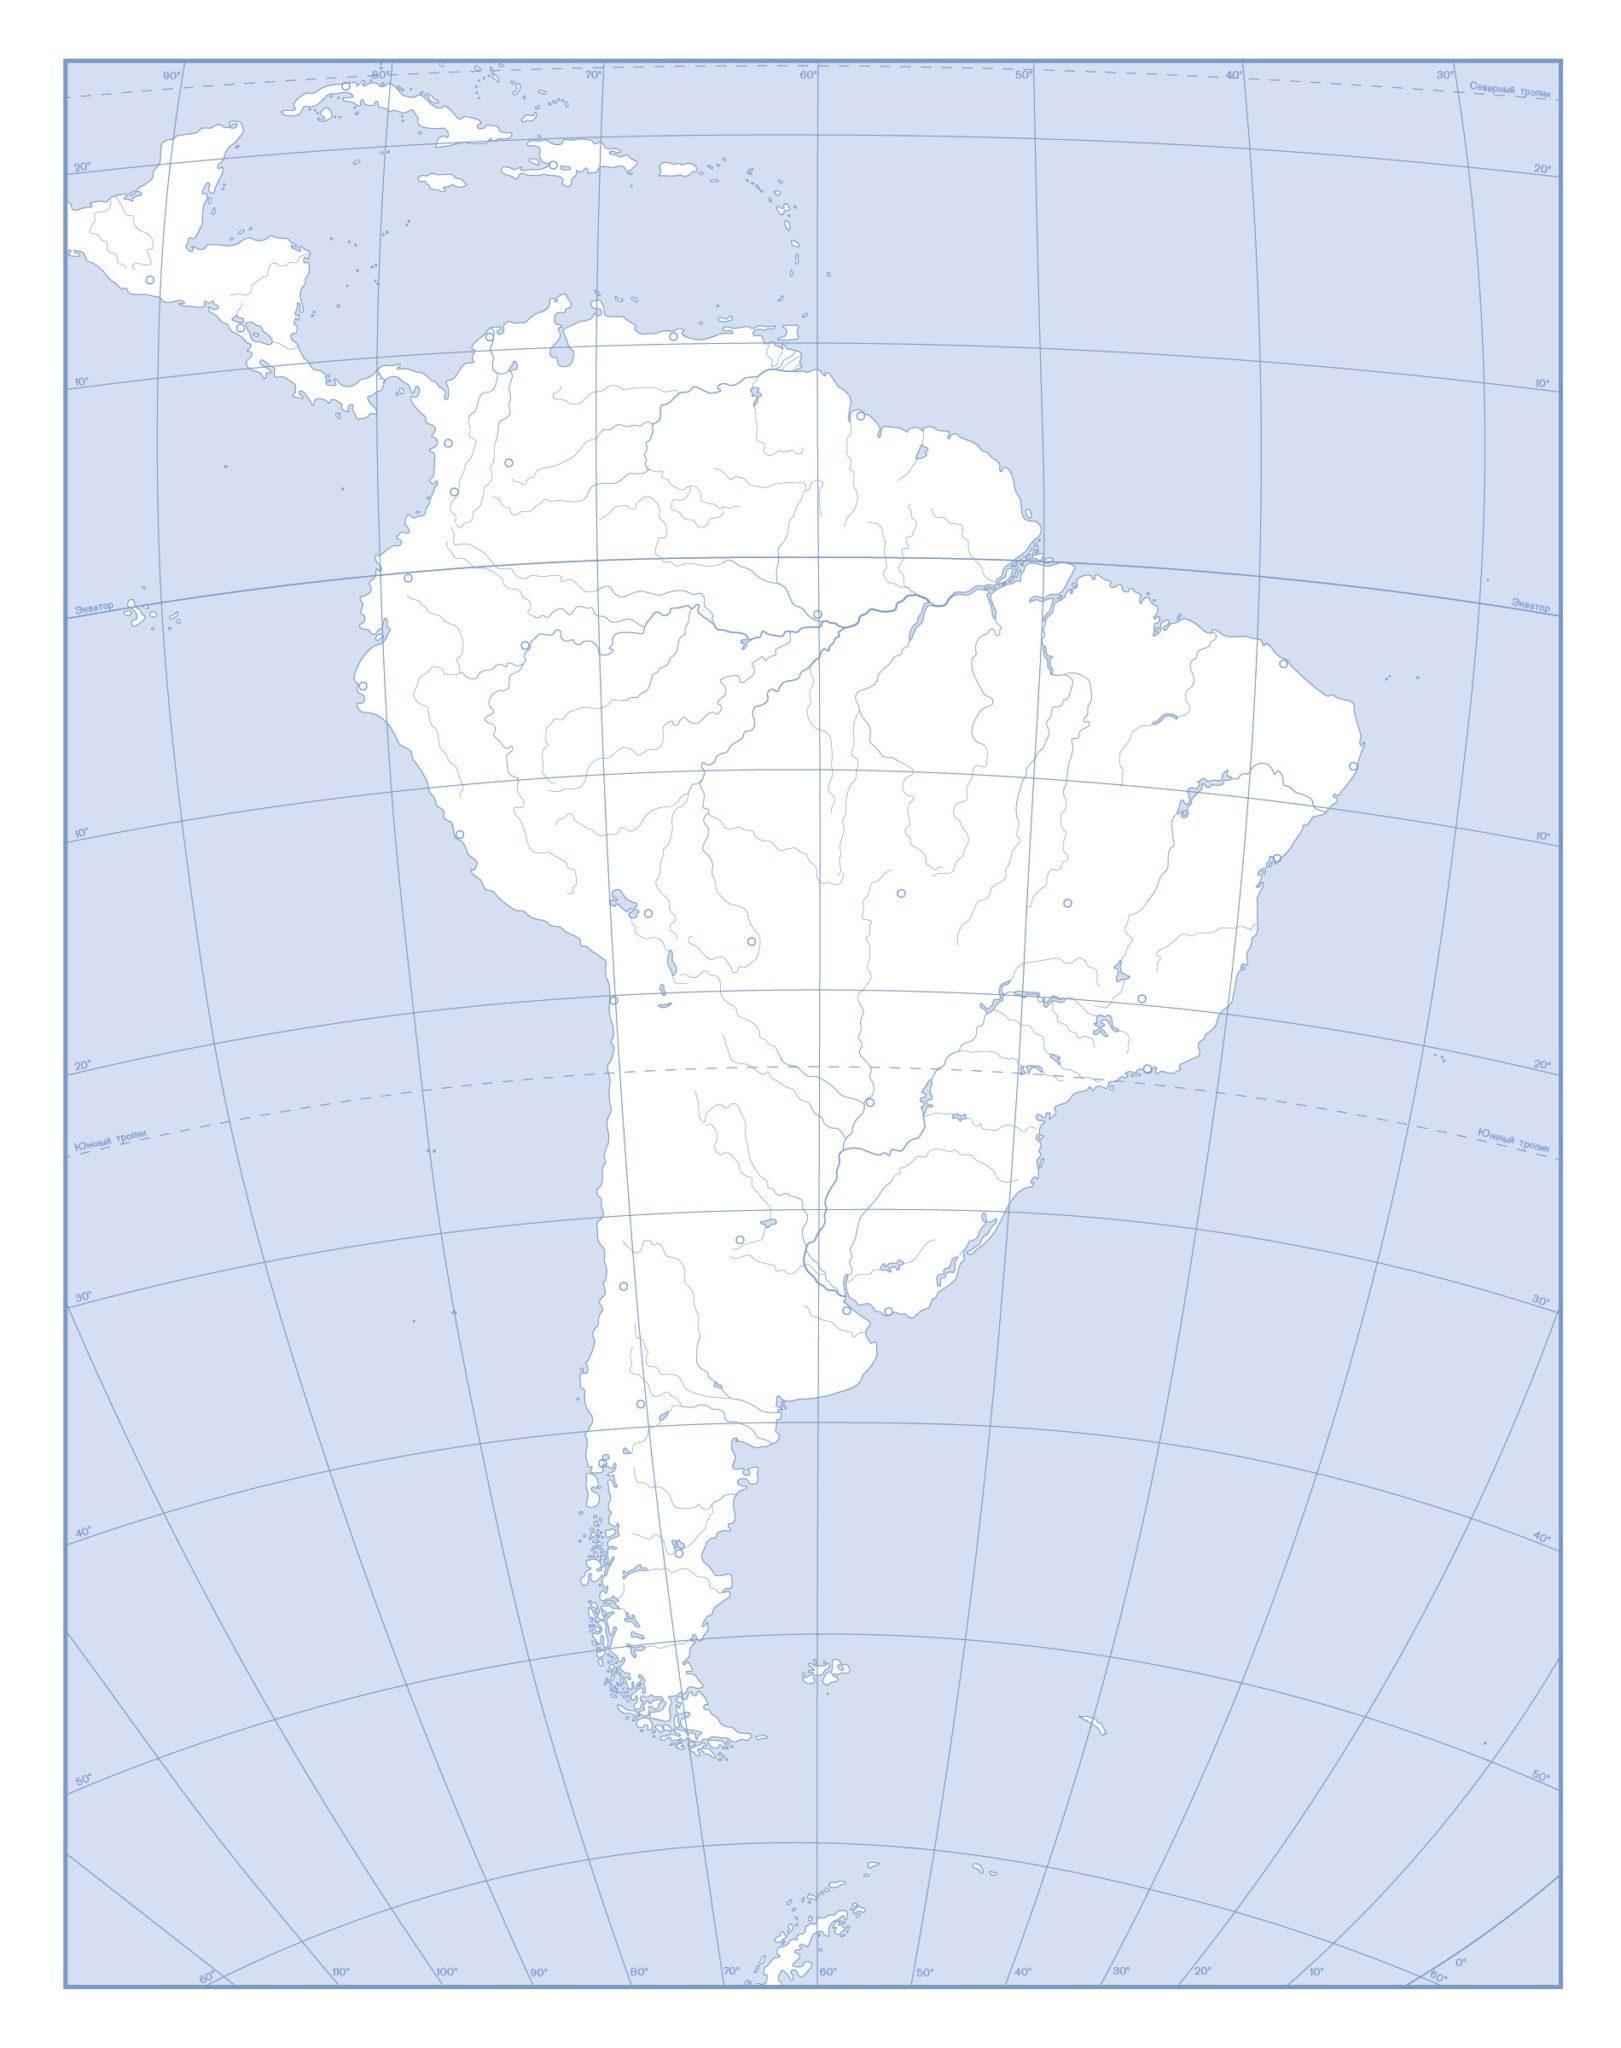 Географические карты Южной Америки крупным планом на русском языке: физическая, политическая и контурная 4